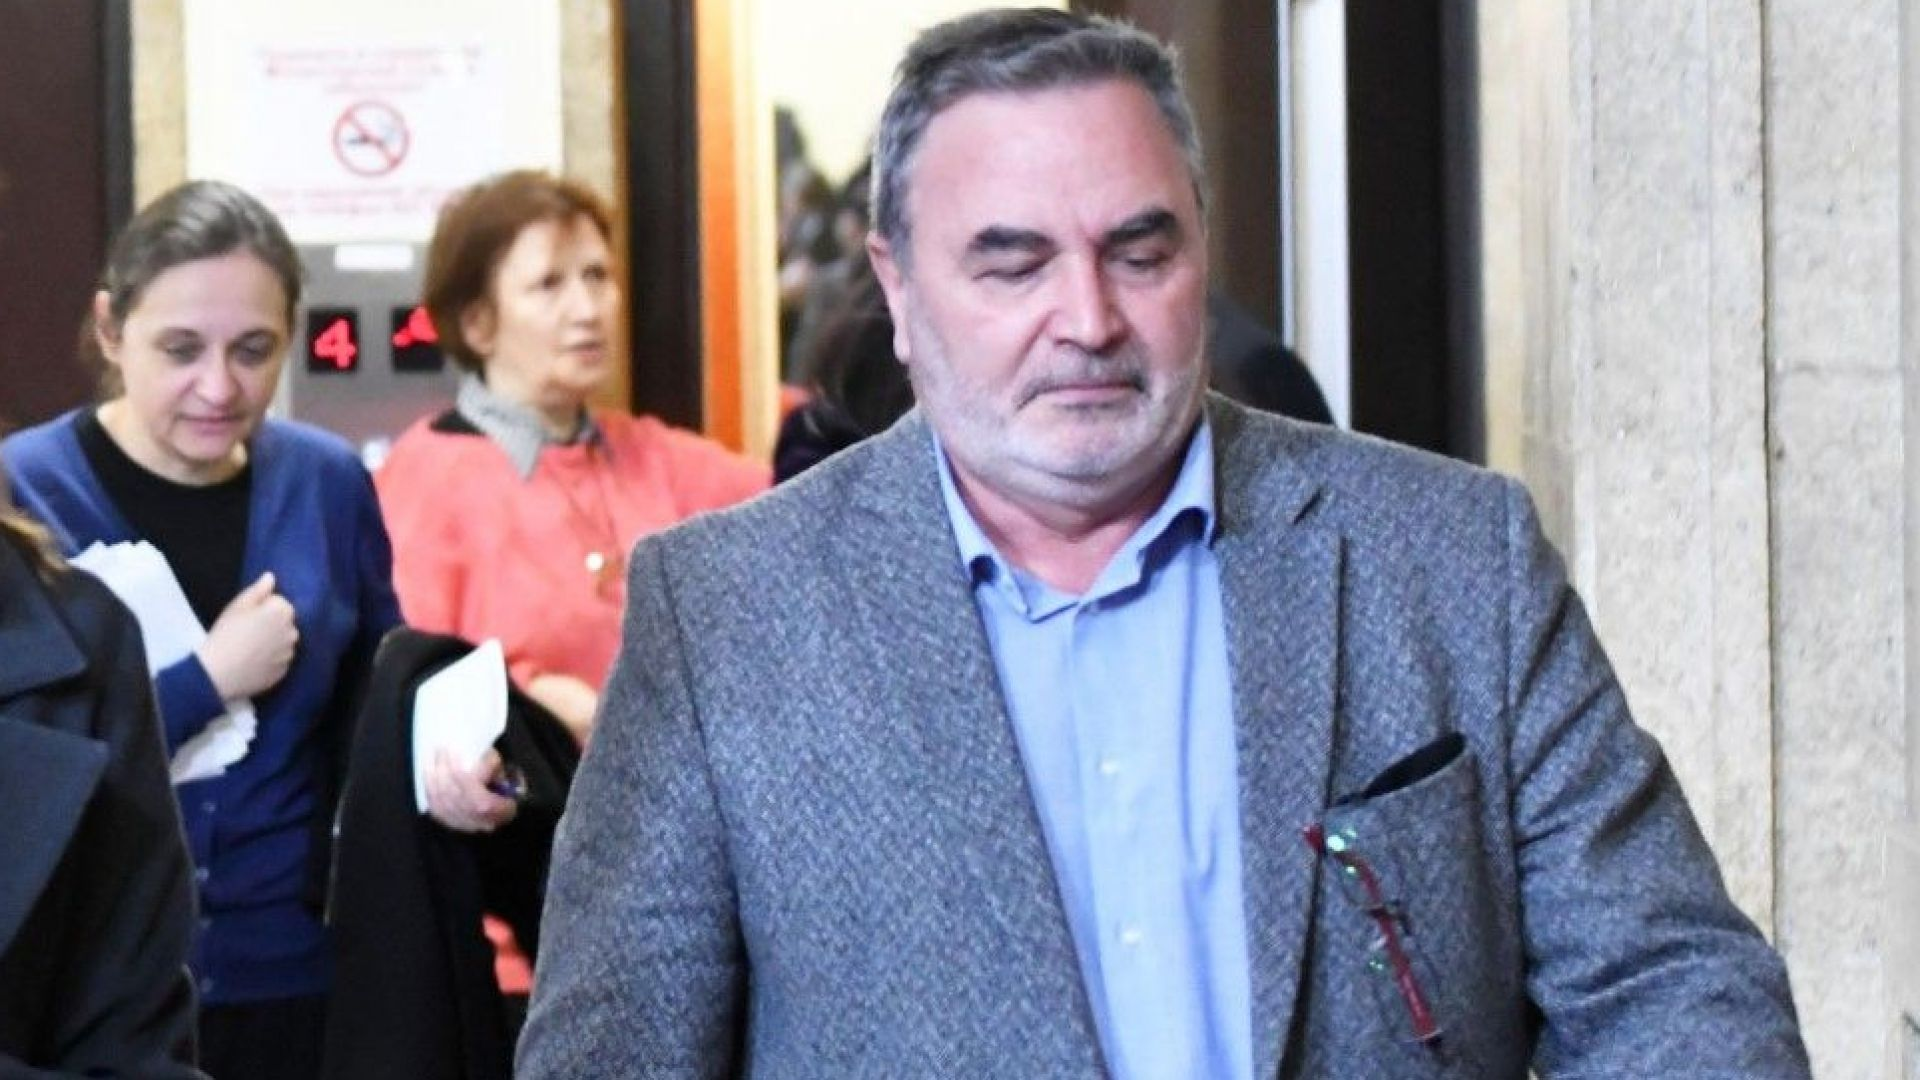 Кунчев: Вносът на коронавирус у нас е неизбежен, почти във всички балкански страни има случаи